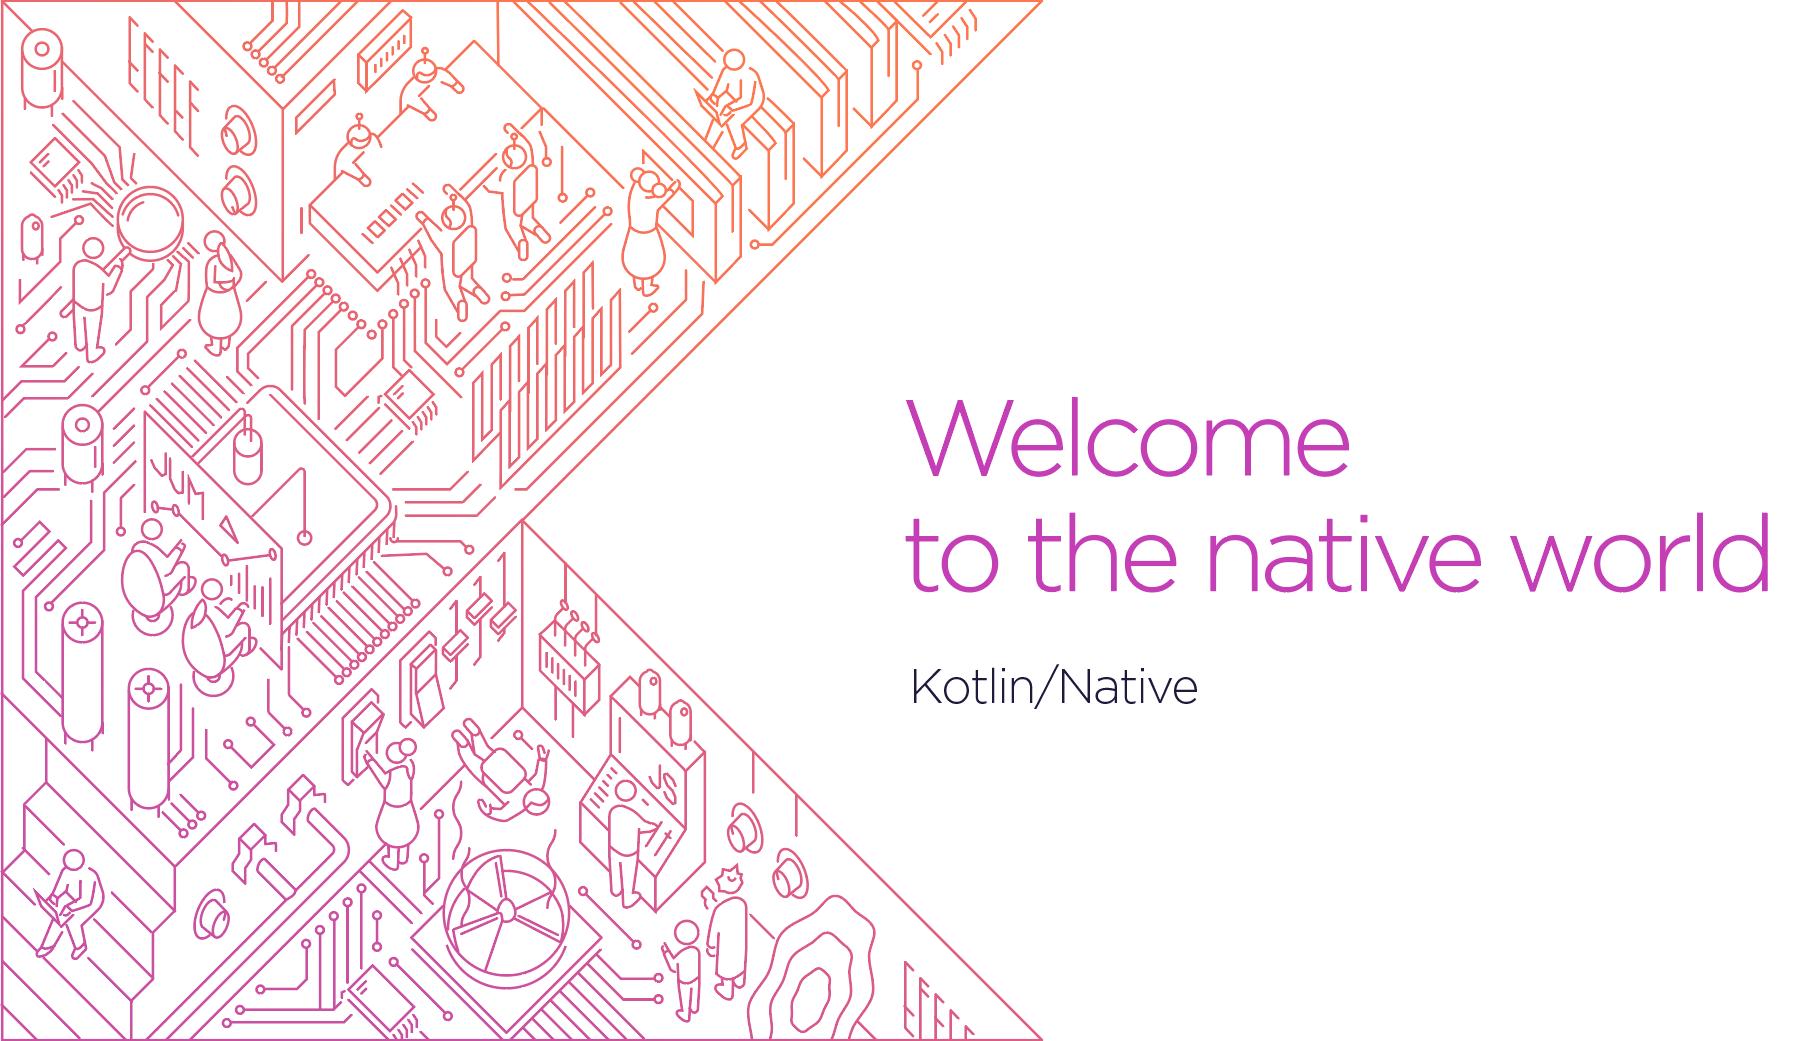 برنامه نویسی با کاتلین / نیتیو یا kotlin/native